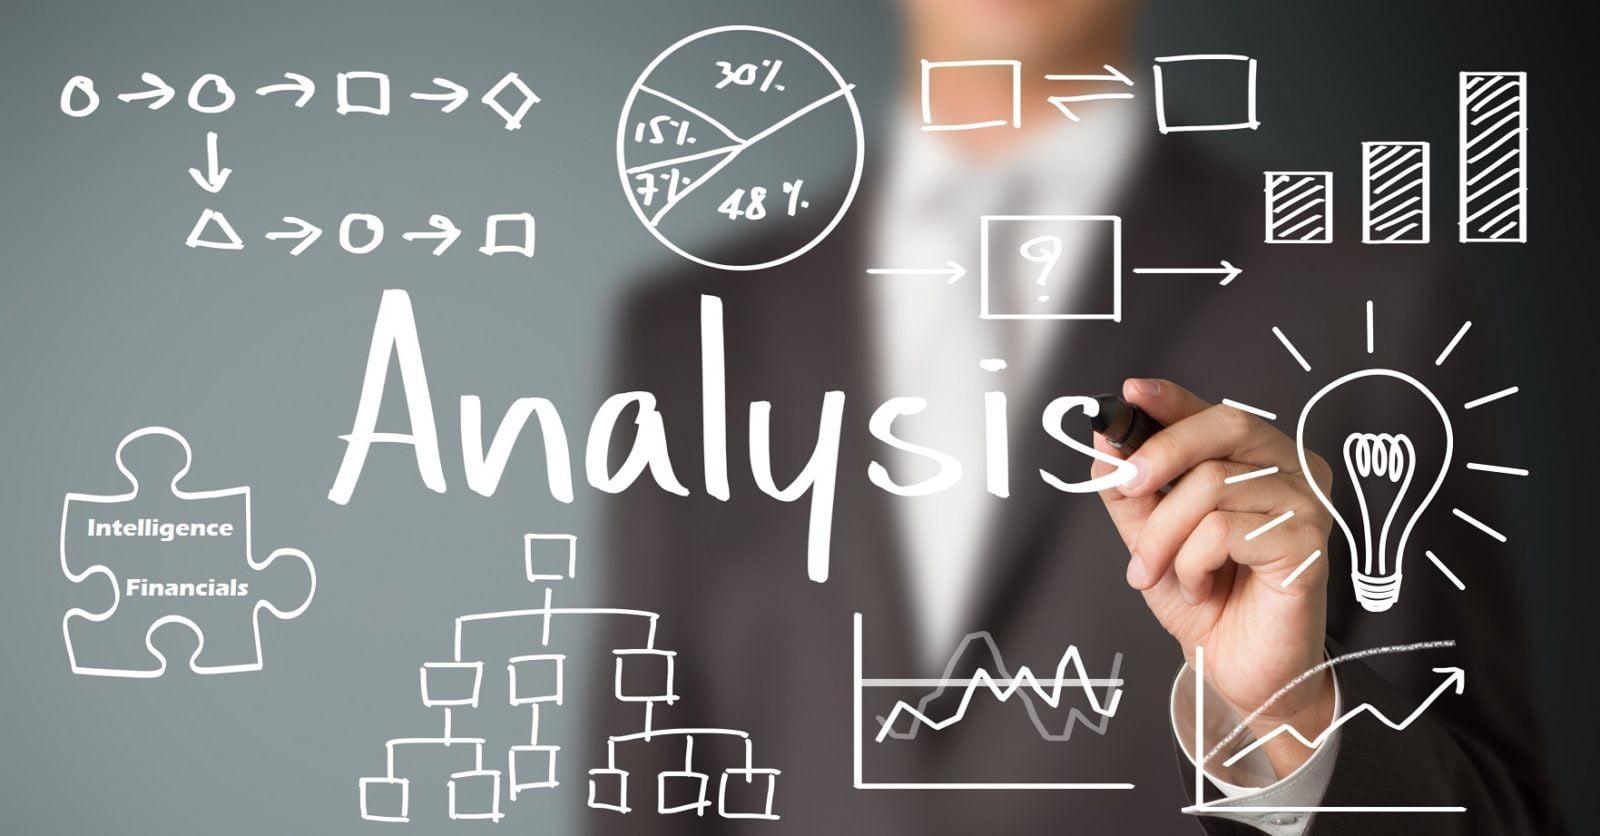 De ce sunt necesare cursurile de analist business?